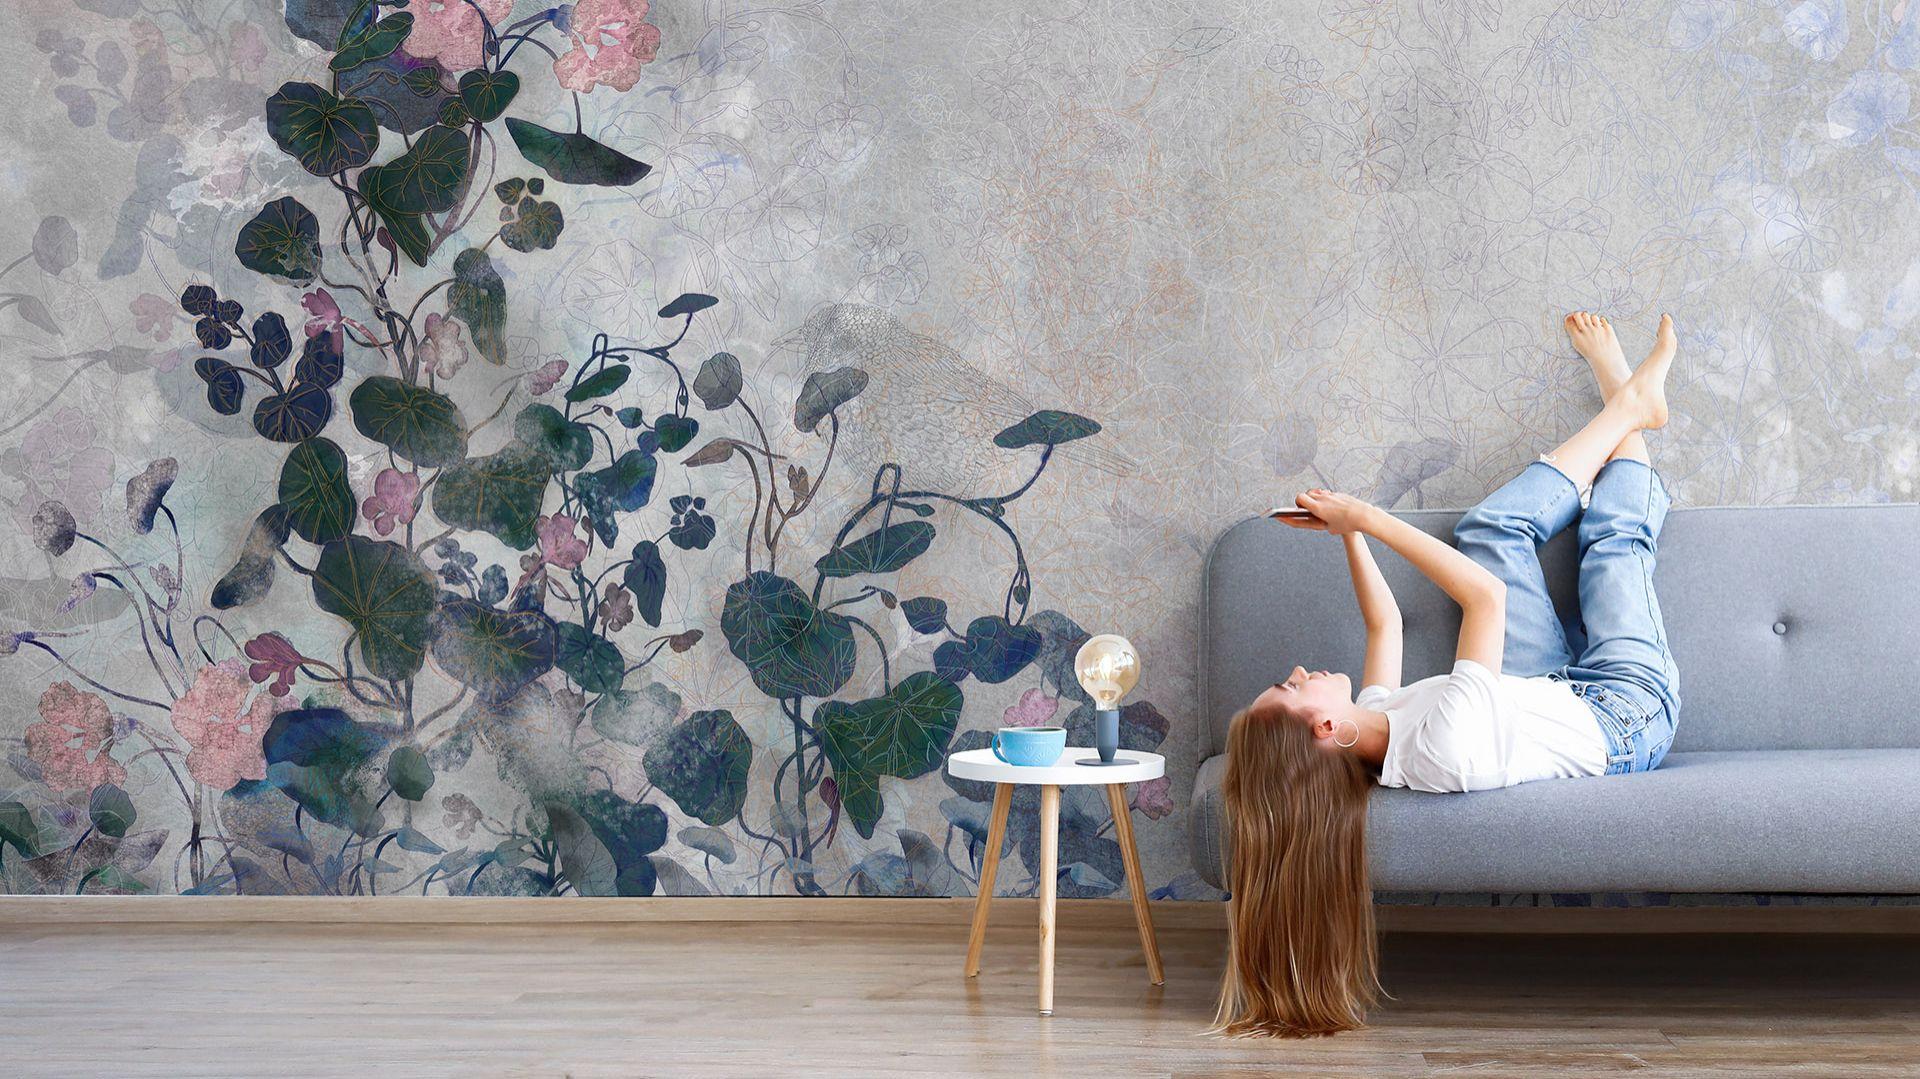 Tapeta z kolekcji Secret Garden dostępna w ofercie firmy Walltime. Cena: 160 zł/m2. Fot. Walltime